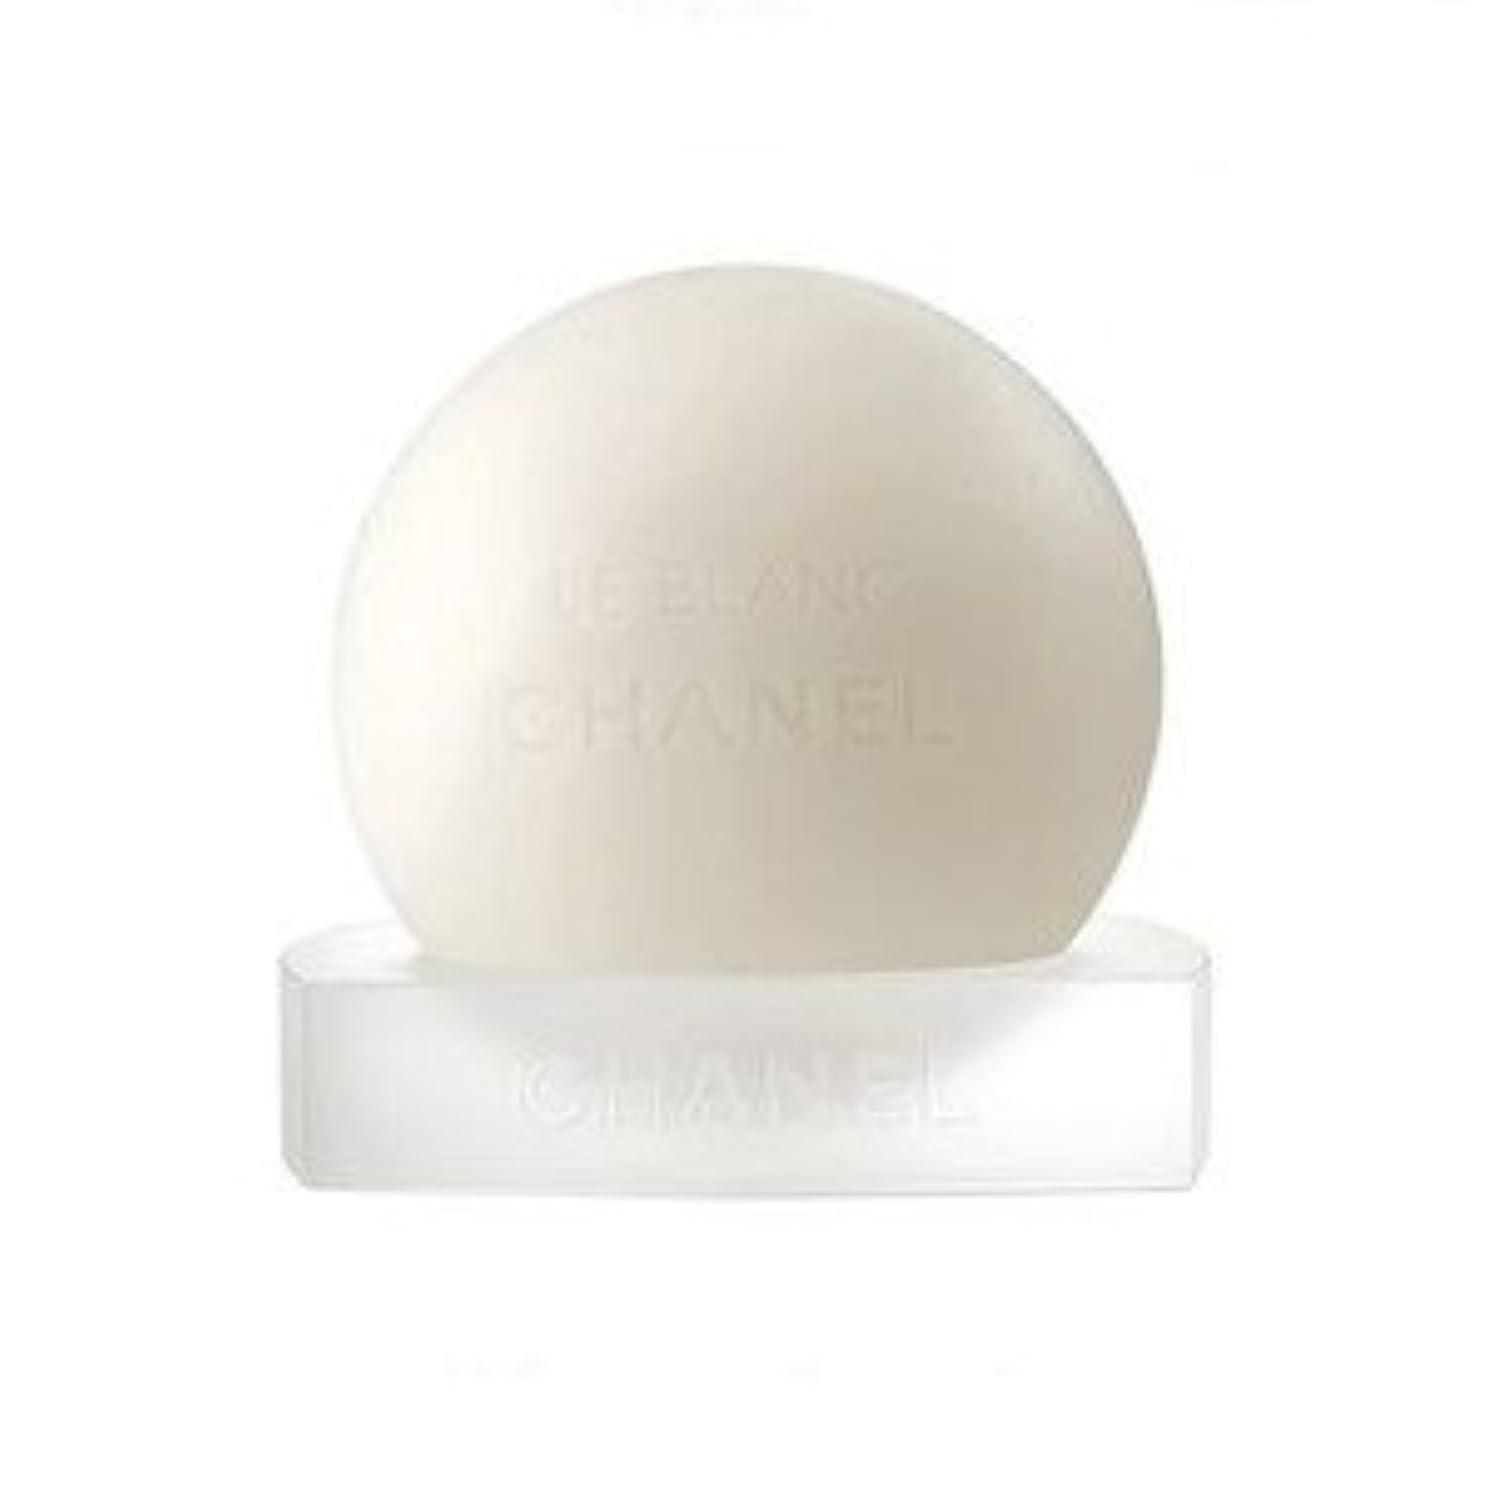 伝導パースブラックボロウくしゃくしゃシャネル ル ブラン ソープ 100g 洗顔石けん 限定品 アウトレット